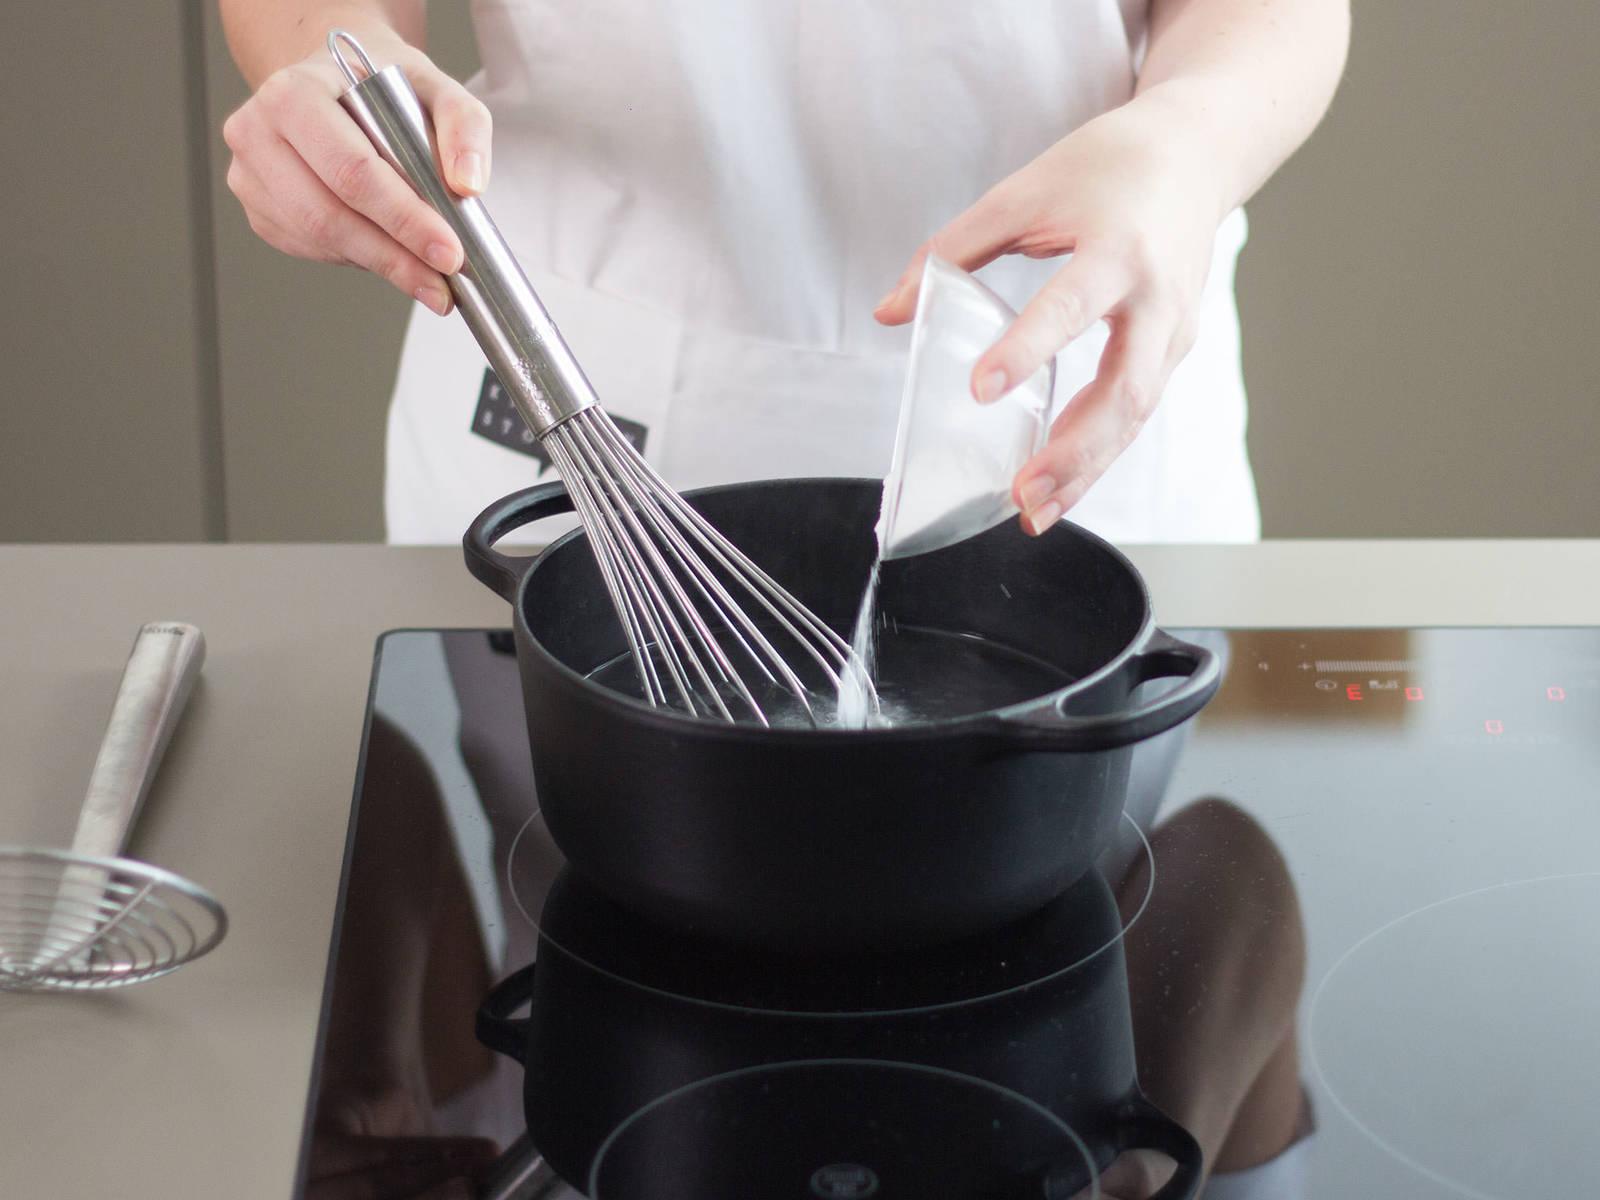 将水加入大锅中,煮至沸腾后加入剩余的盐。调至低温,并缓慢加入小苏打。注意水温不宜过高,以免泡沫迅速溢出。